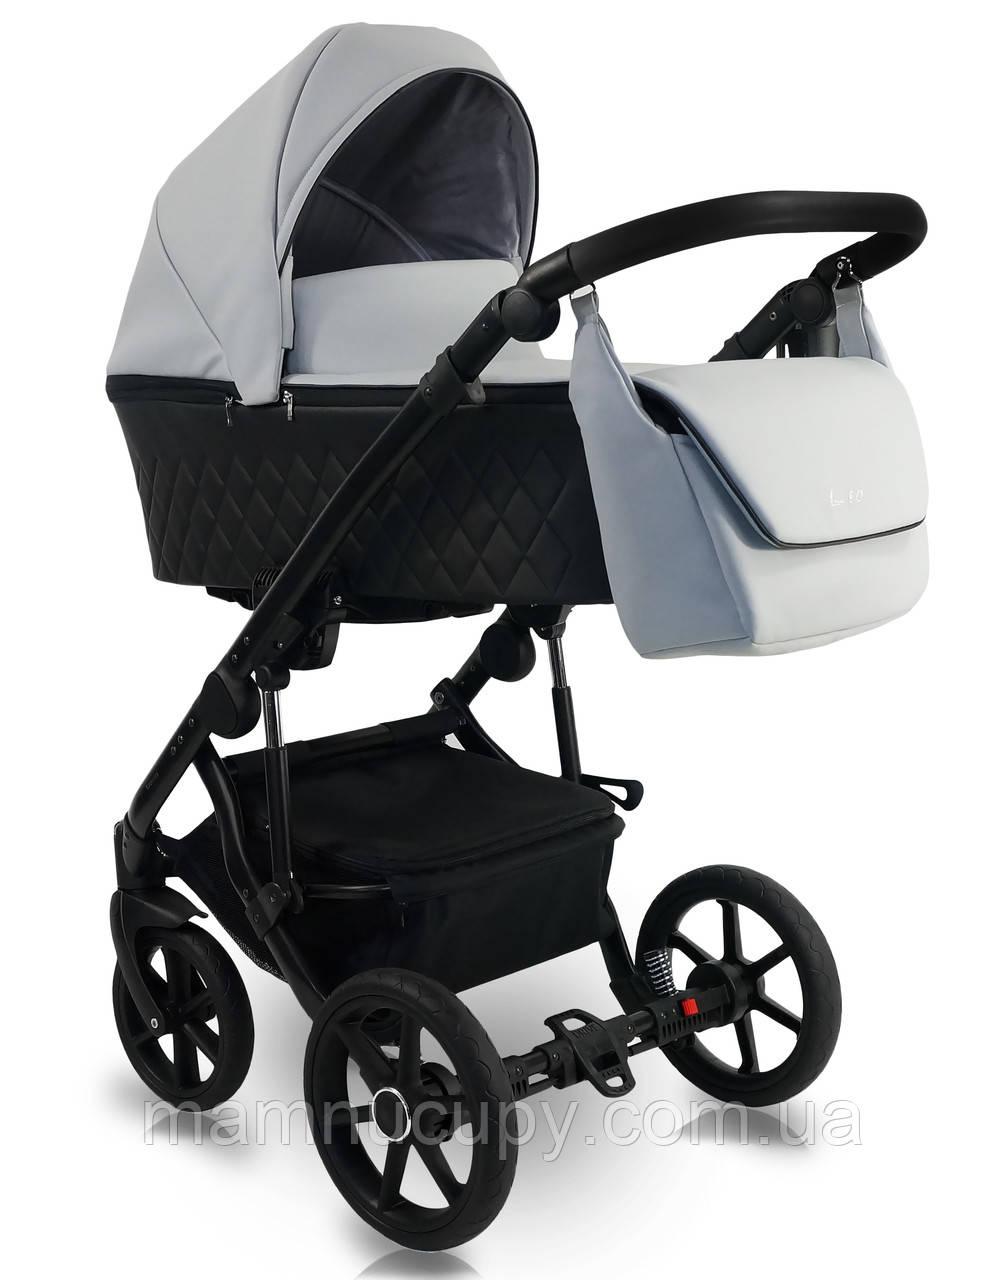 Детская универсальная коляска 2 в 1 Bexa Line 2.0 Eco L103 (бекса лайн эко)